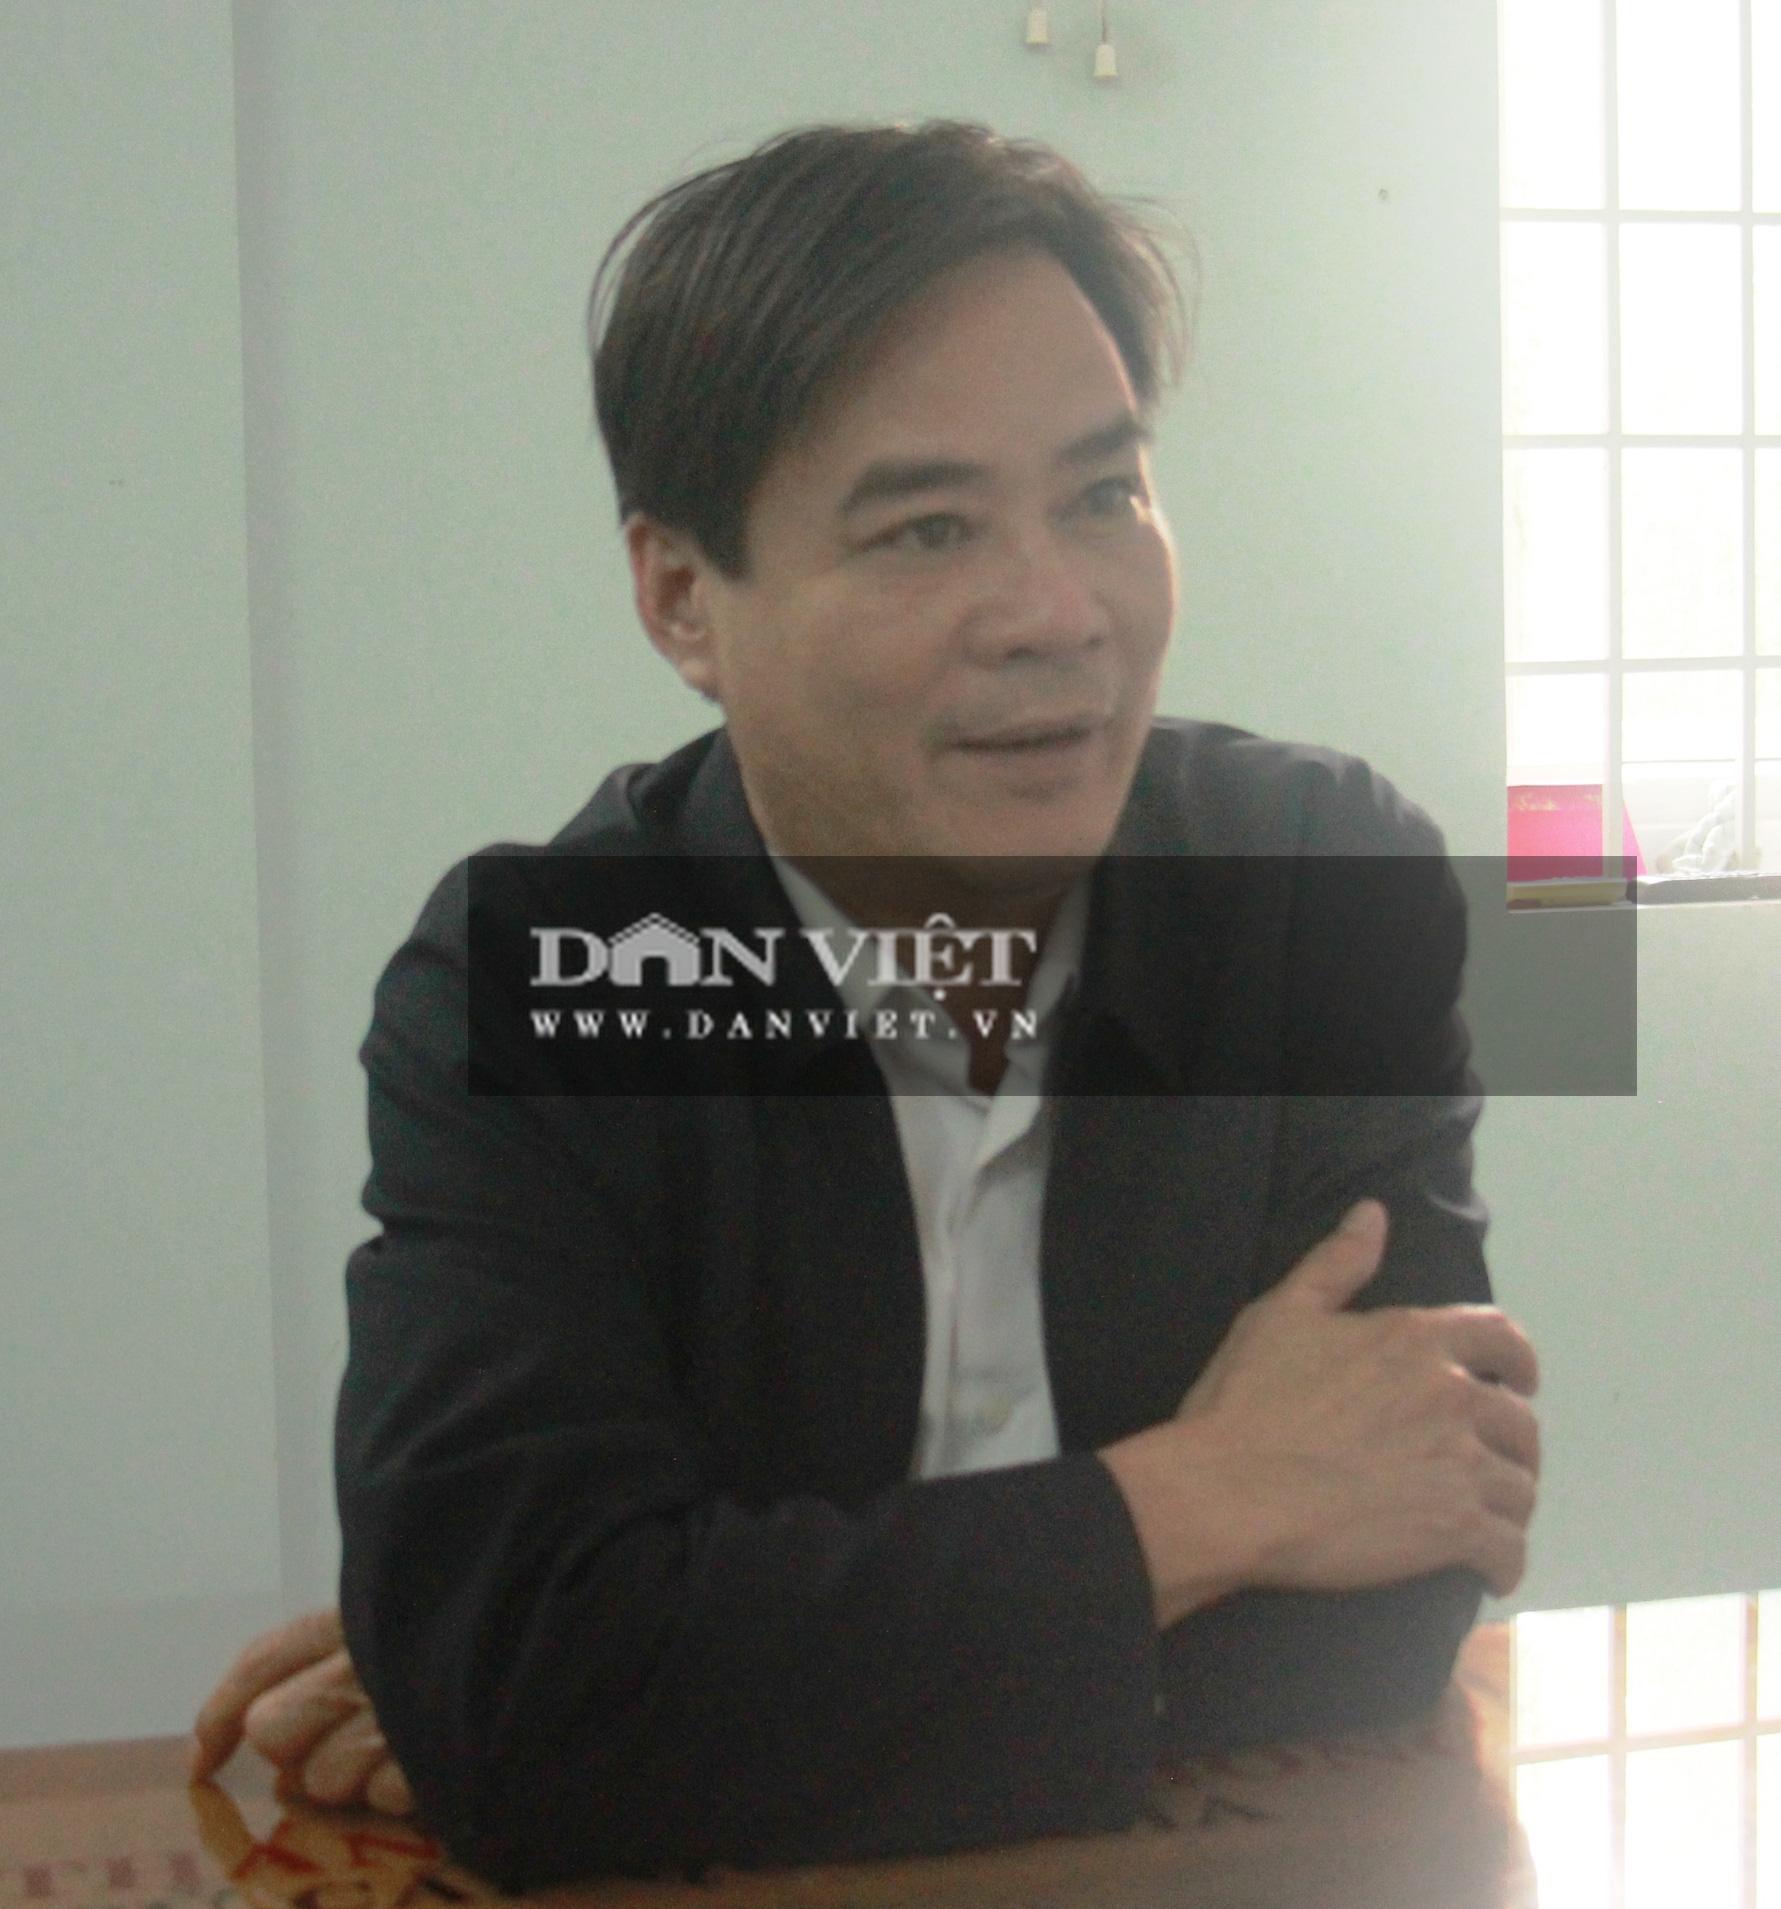 """Dùng """"đất lậu"""" thi công gói thầu công trình Nhà nước hơn 12 tỷ đồng ở Bình Định: Có thể bị khởi tố? - Ảnh 4."""